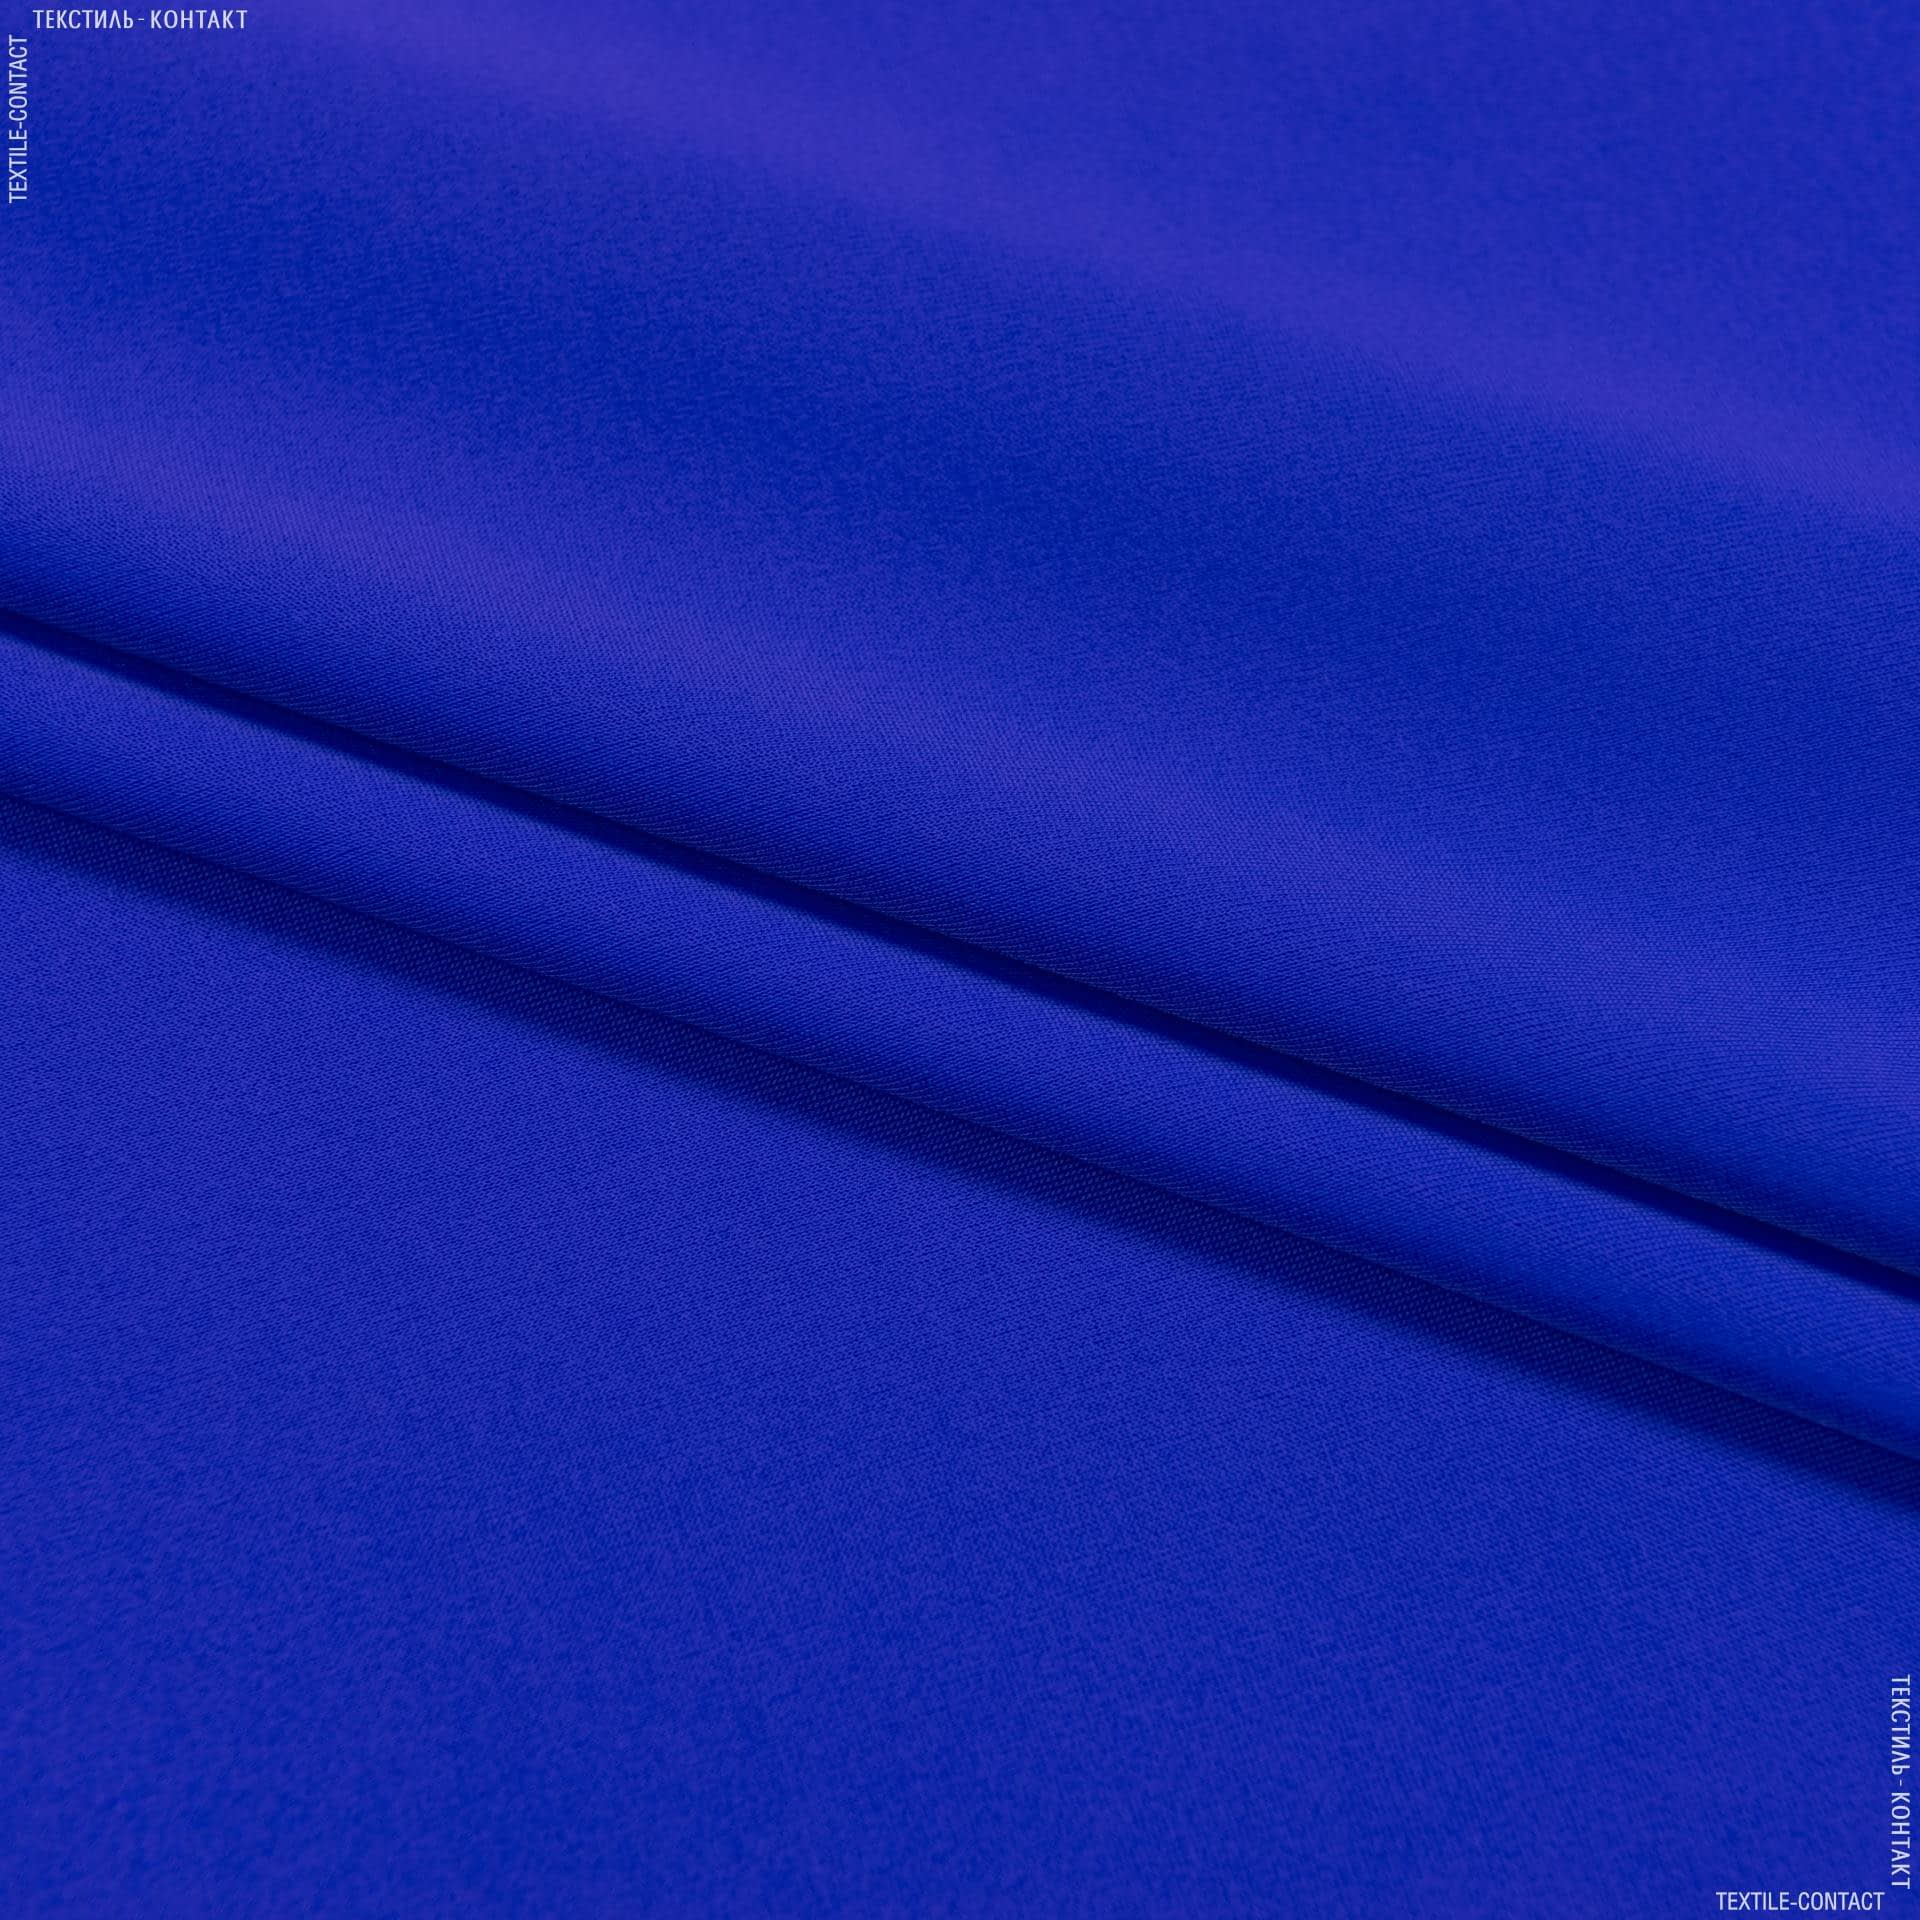 Ткани для спортивной одежды - Трикотаж бифлекс матовый васильковый